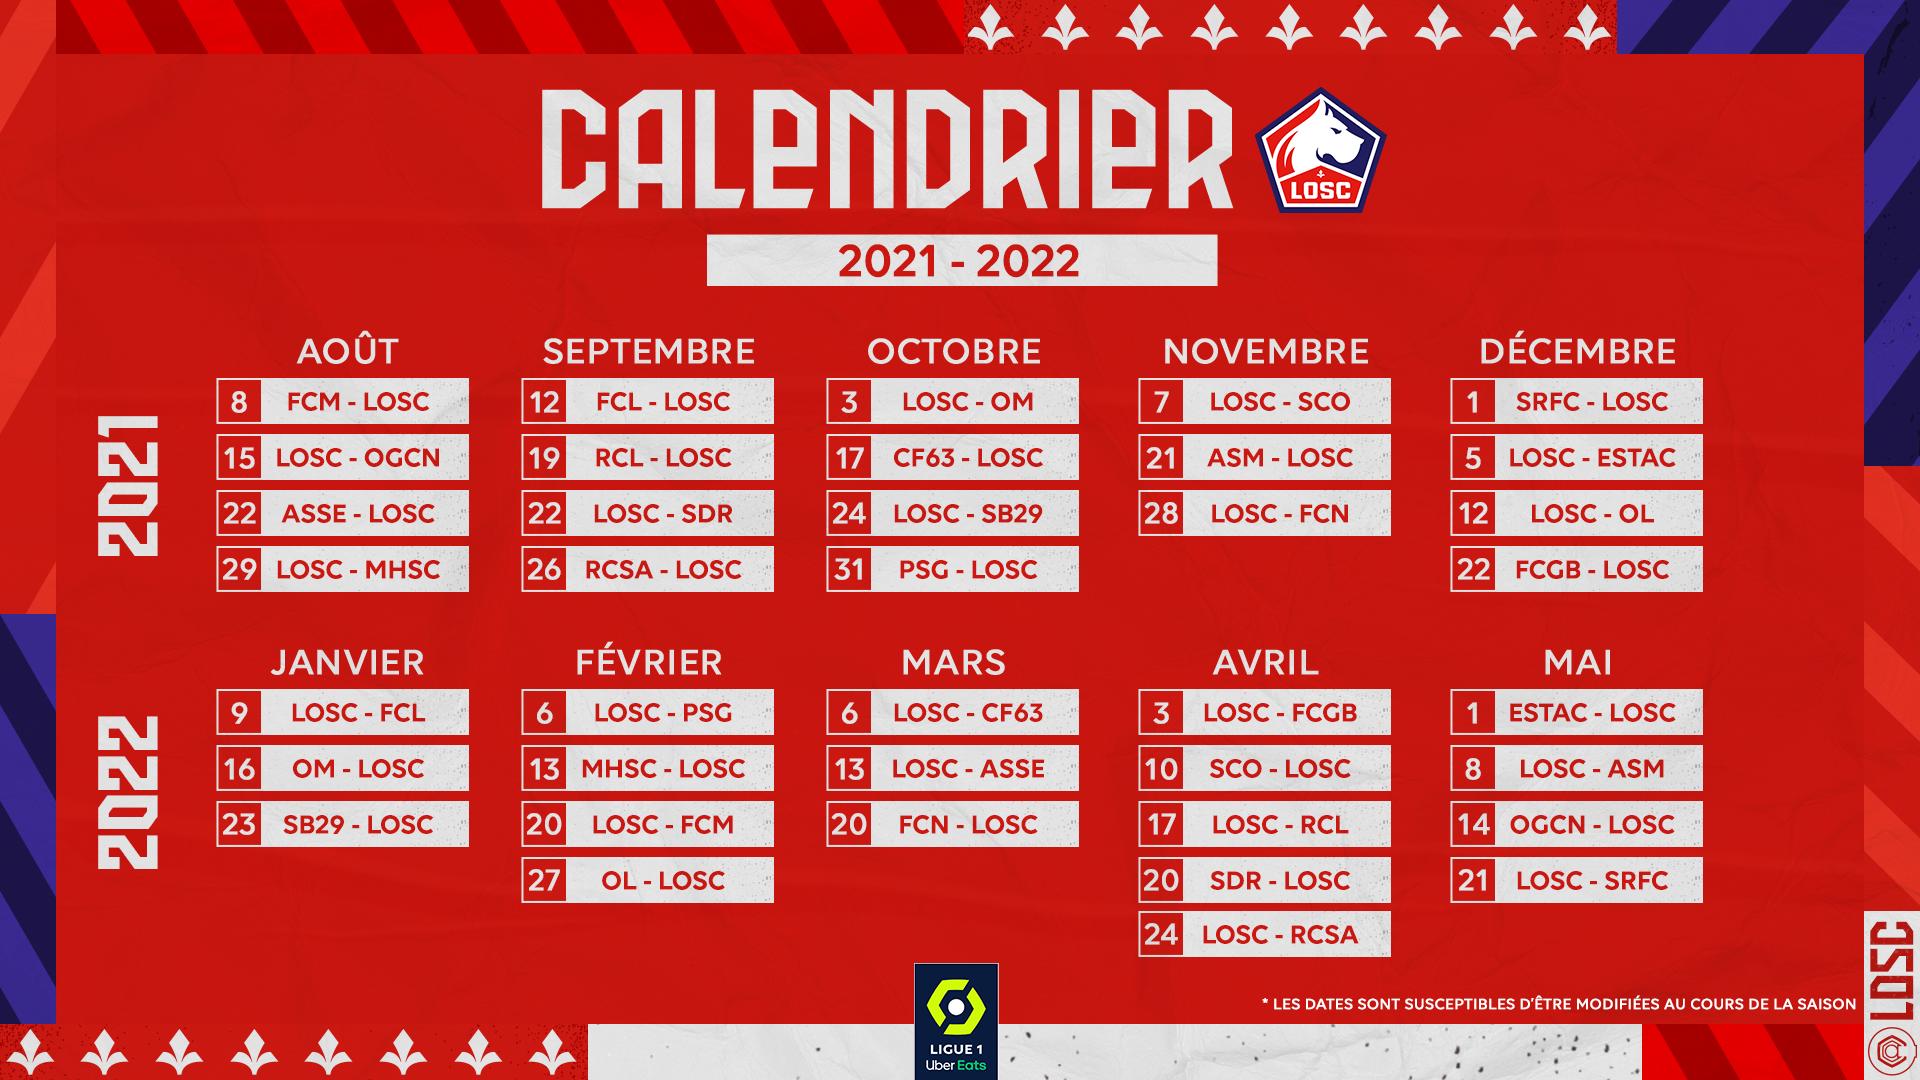 Losc Calendrier 2022 Découvrez le calendrier 21 22 du LOSC ! | Lille LOSC